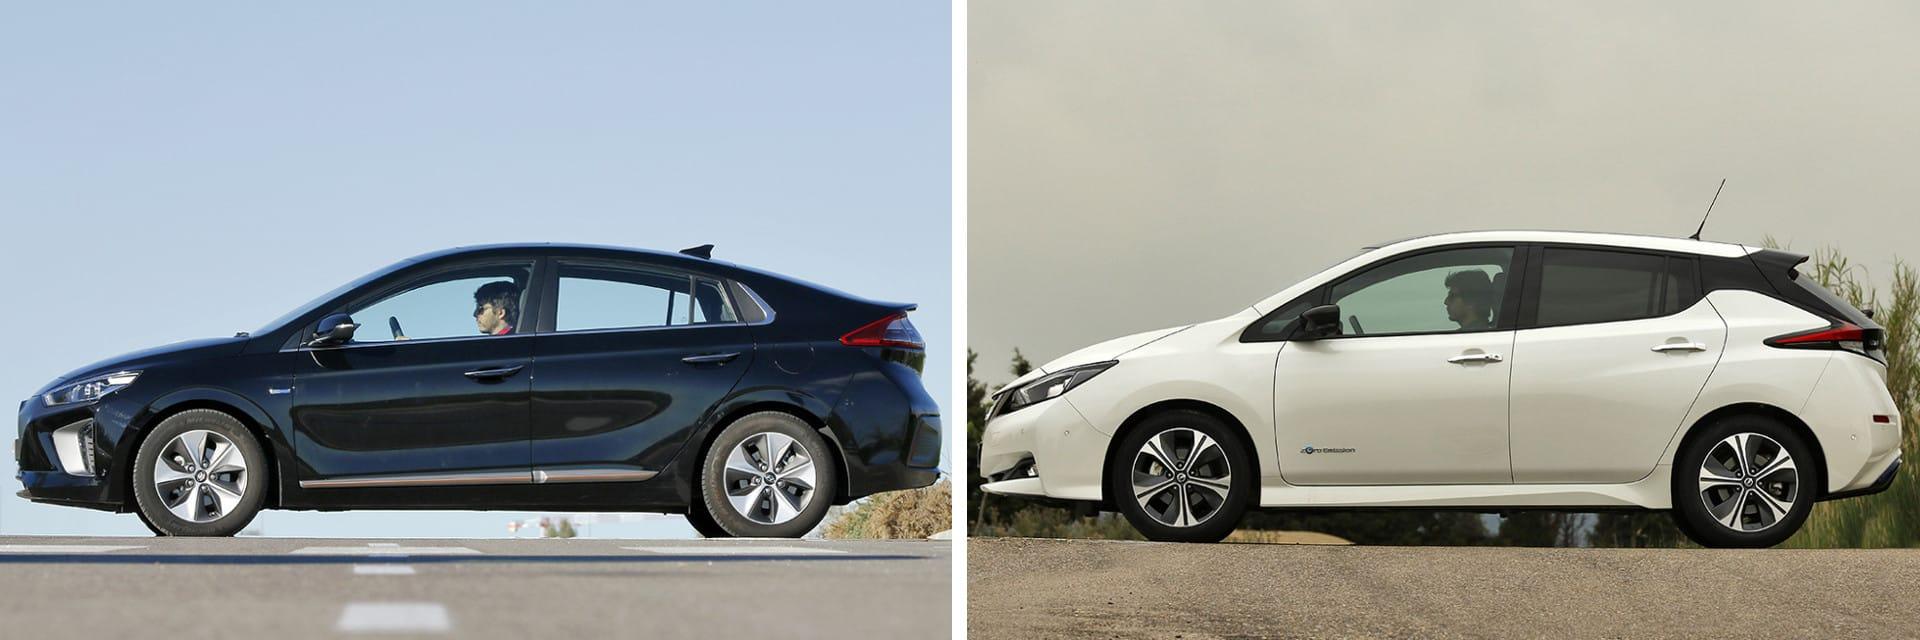 El Hyundai IONIQ (izq.) tiene una potencia de 120 caballos y la del Nissan Leaf (dcha.) es de 150 caballos.